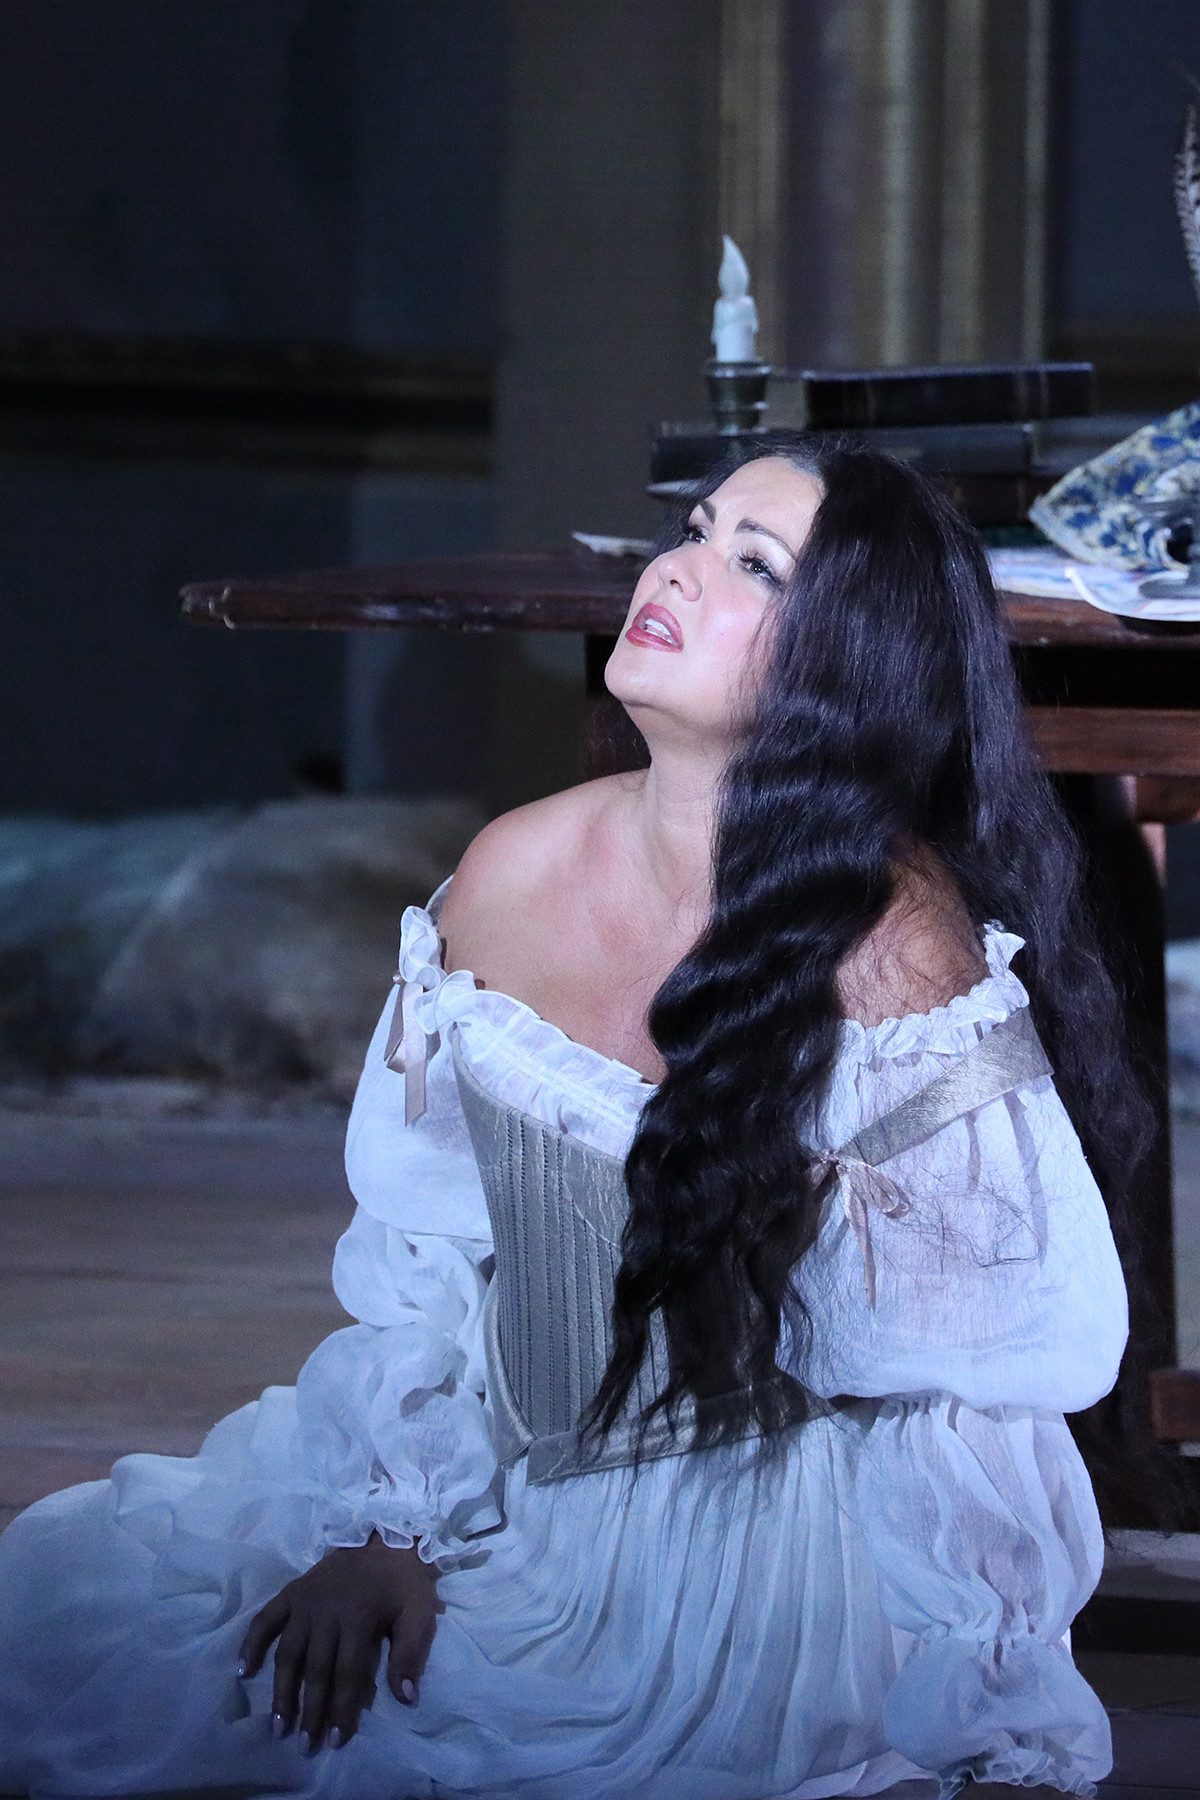 Anna Netrebko in the opera 'Don Carlo'.